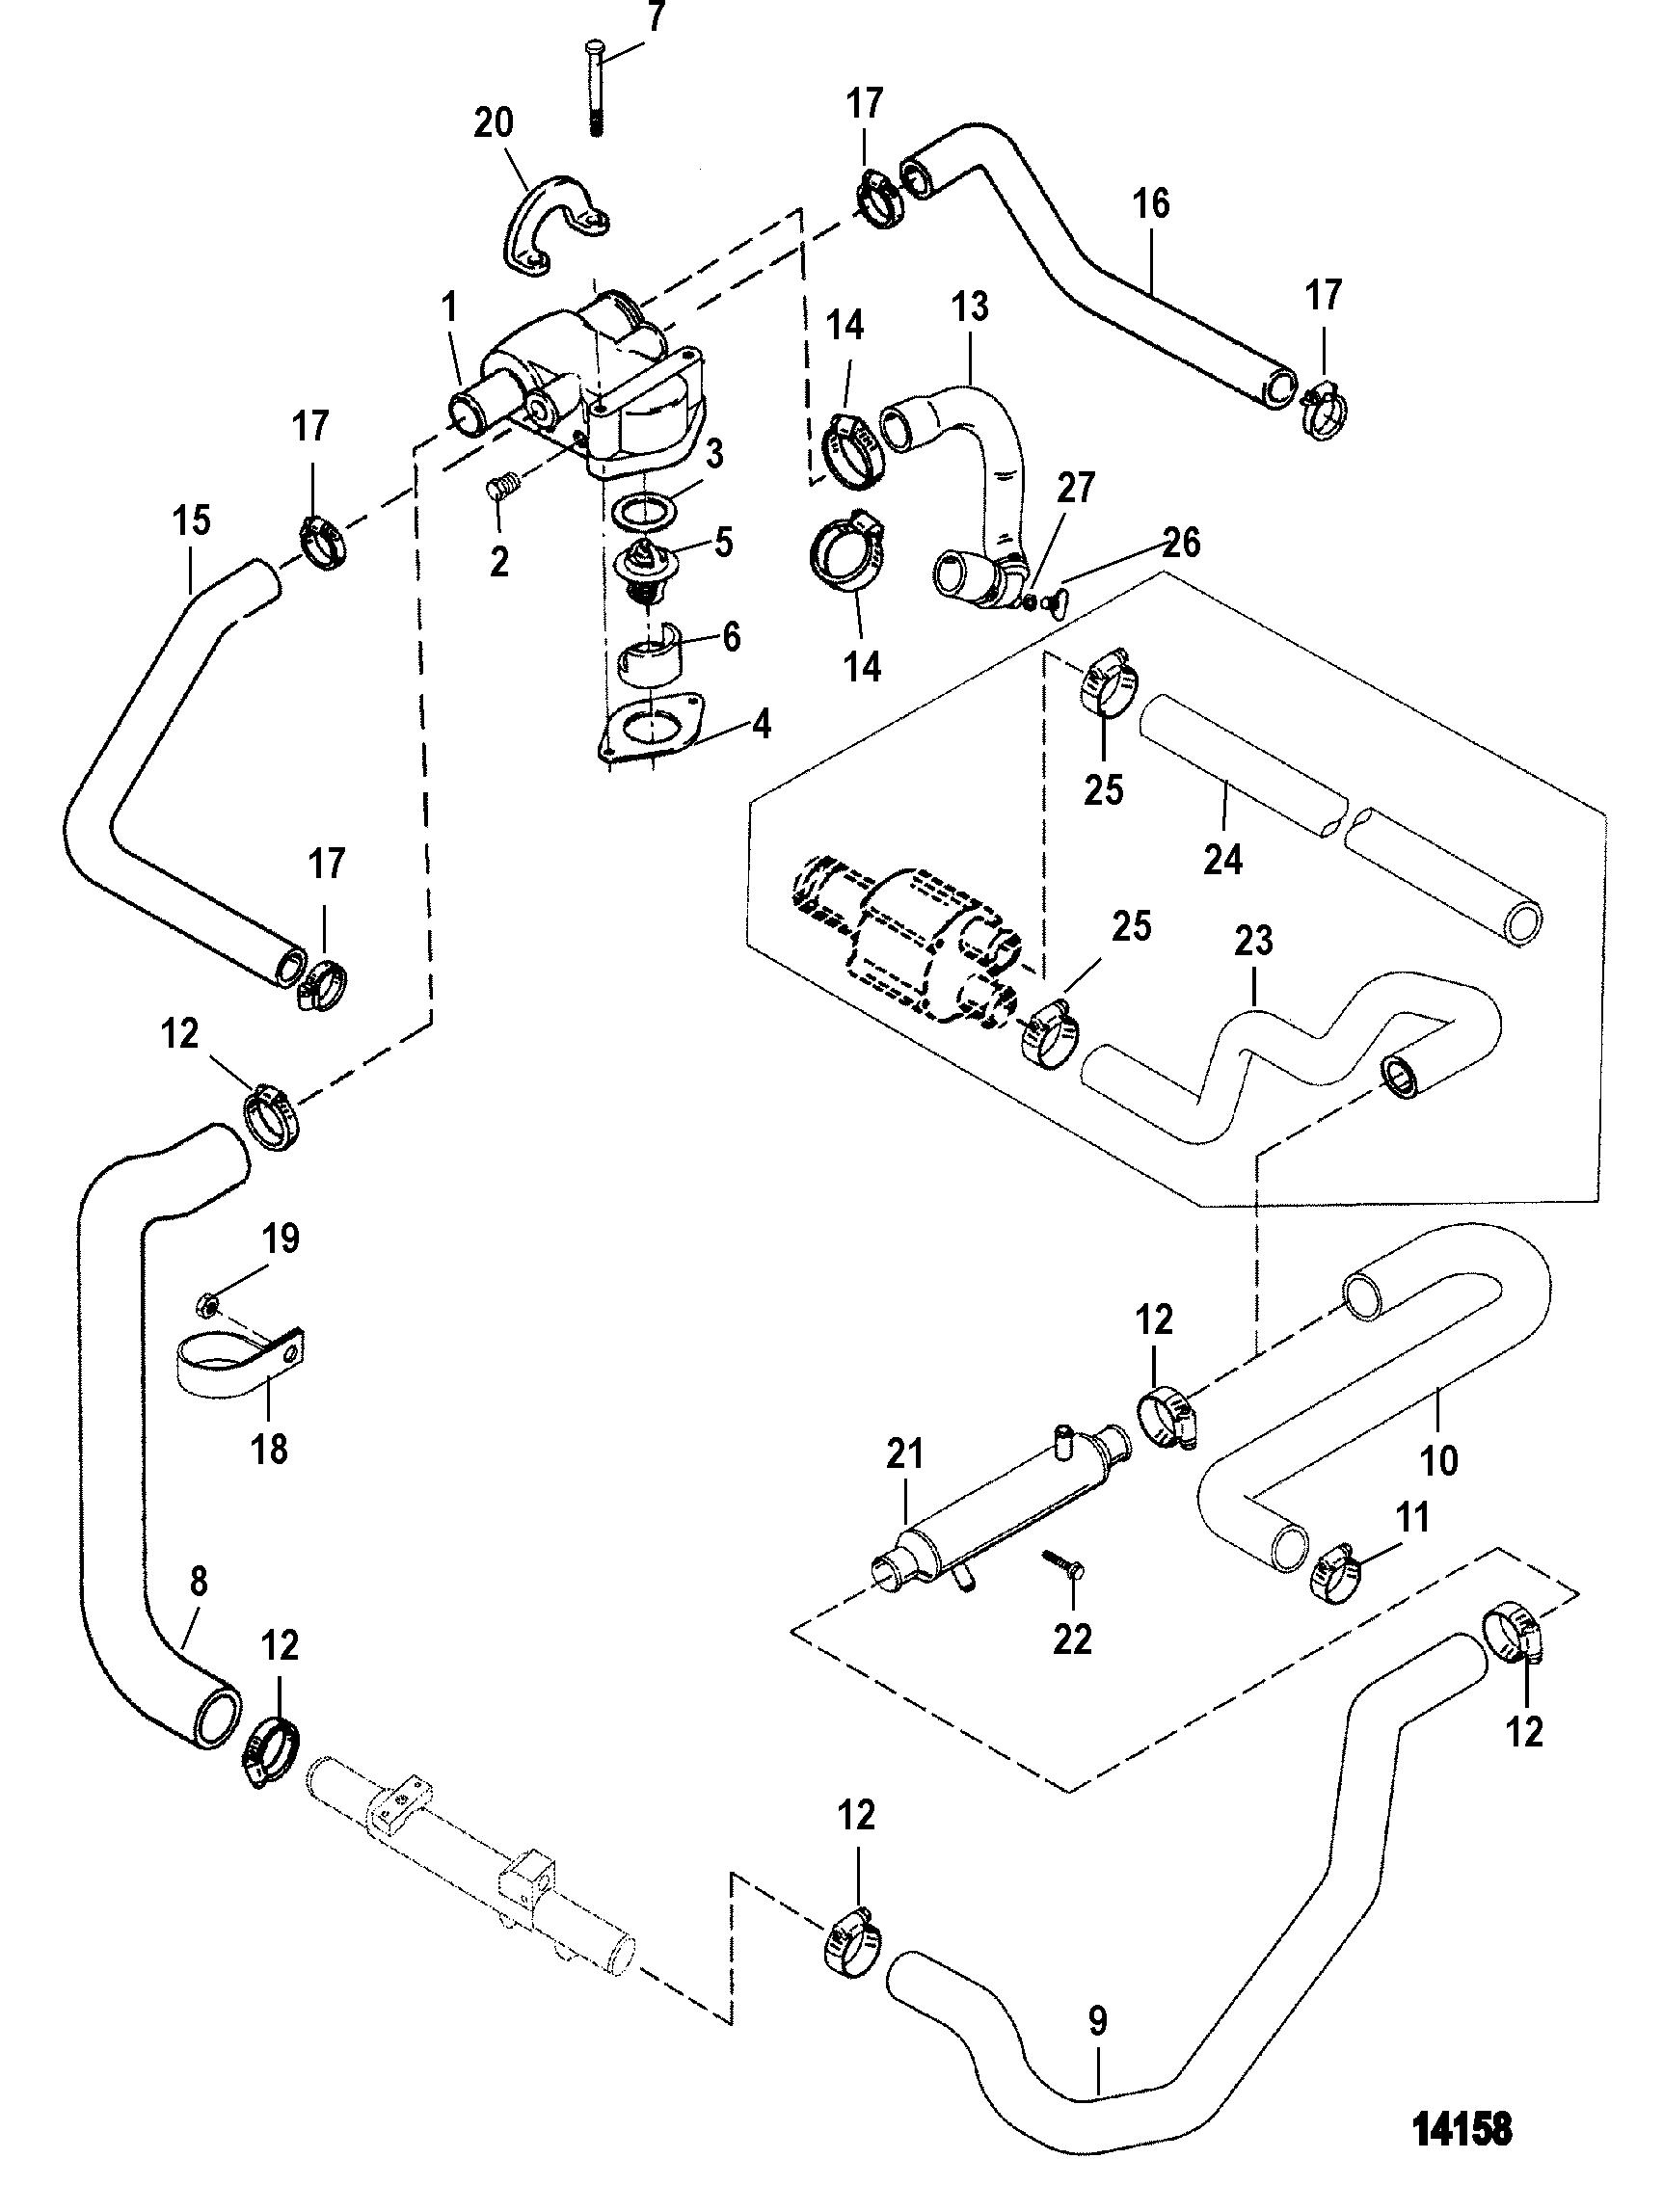 Standard Cooling System For Mercruiser 5 0l Efi Alpha  Bravo 5 7l Efi Alpha  Bravo Gen   Engine